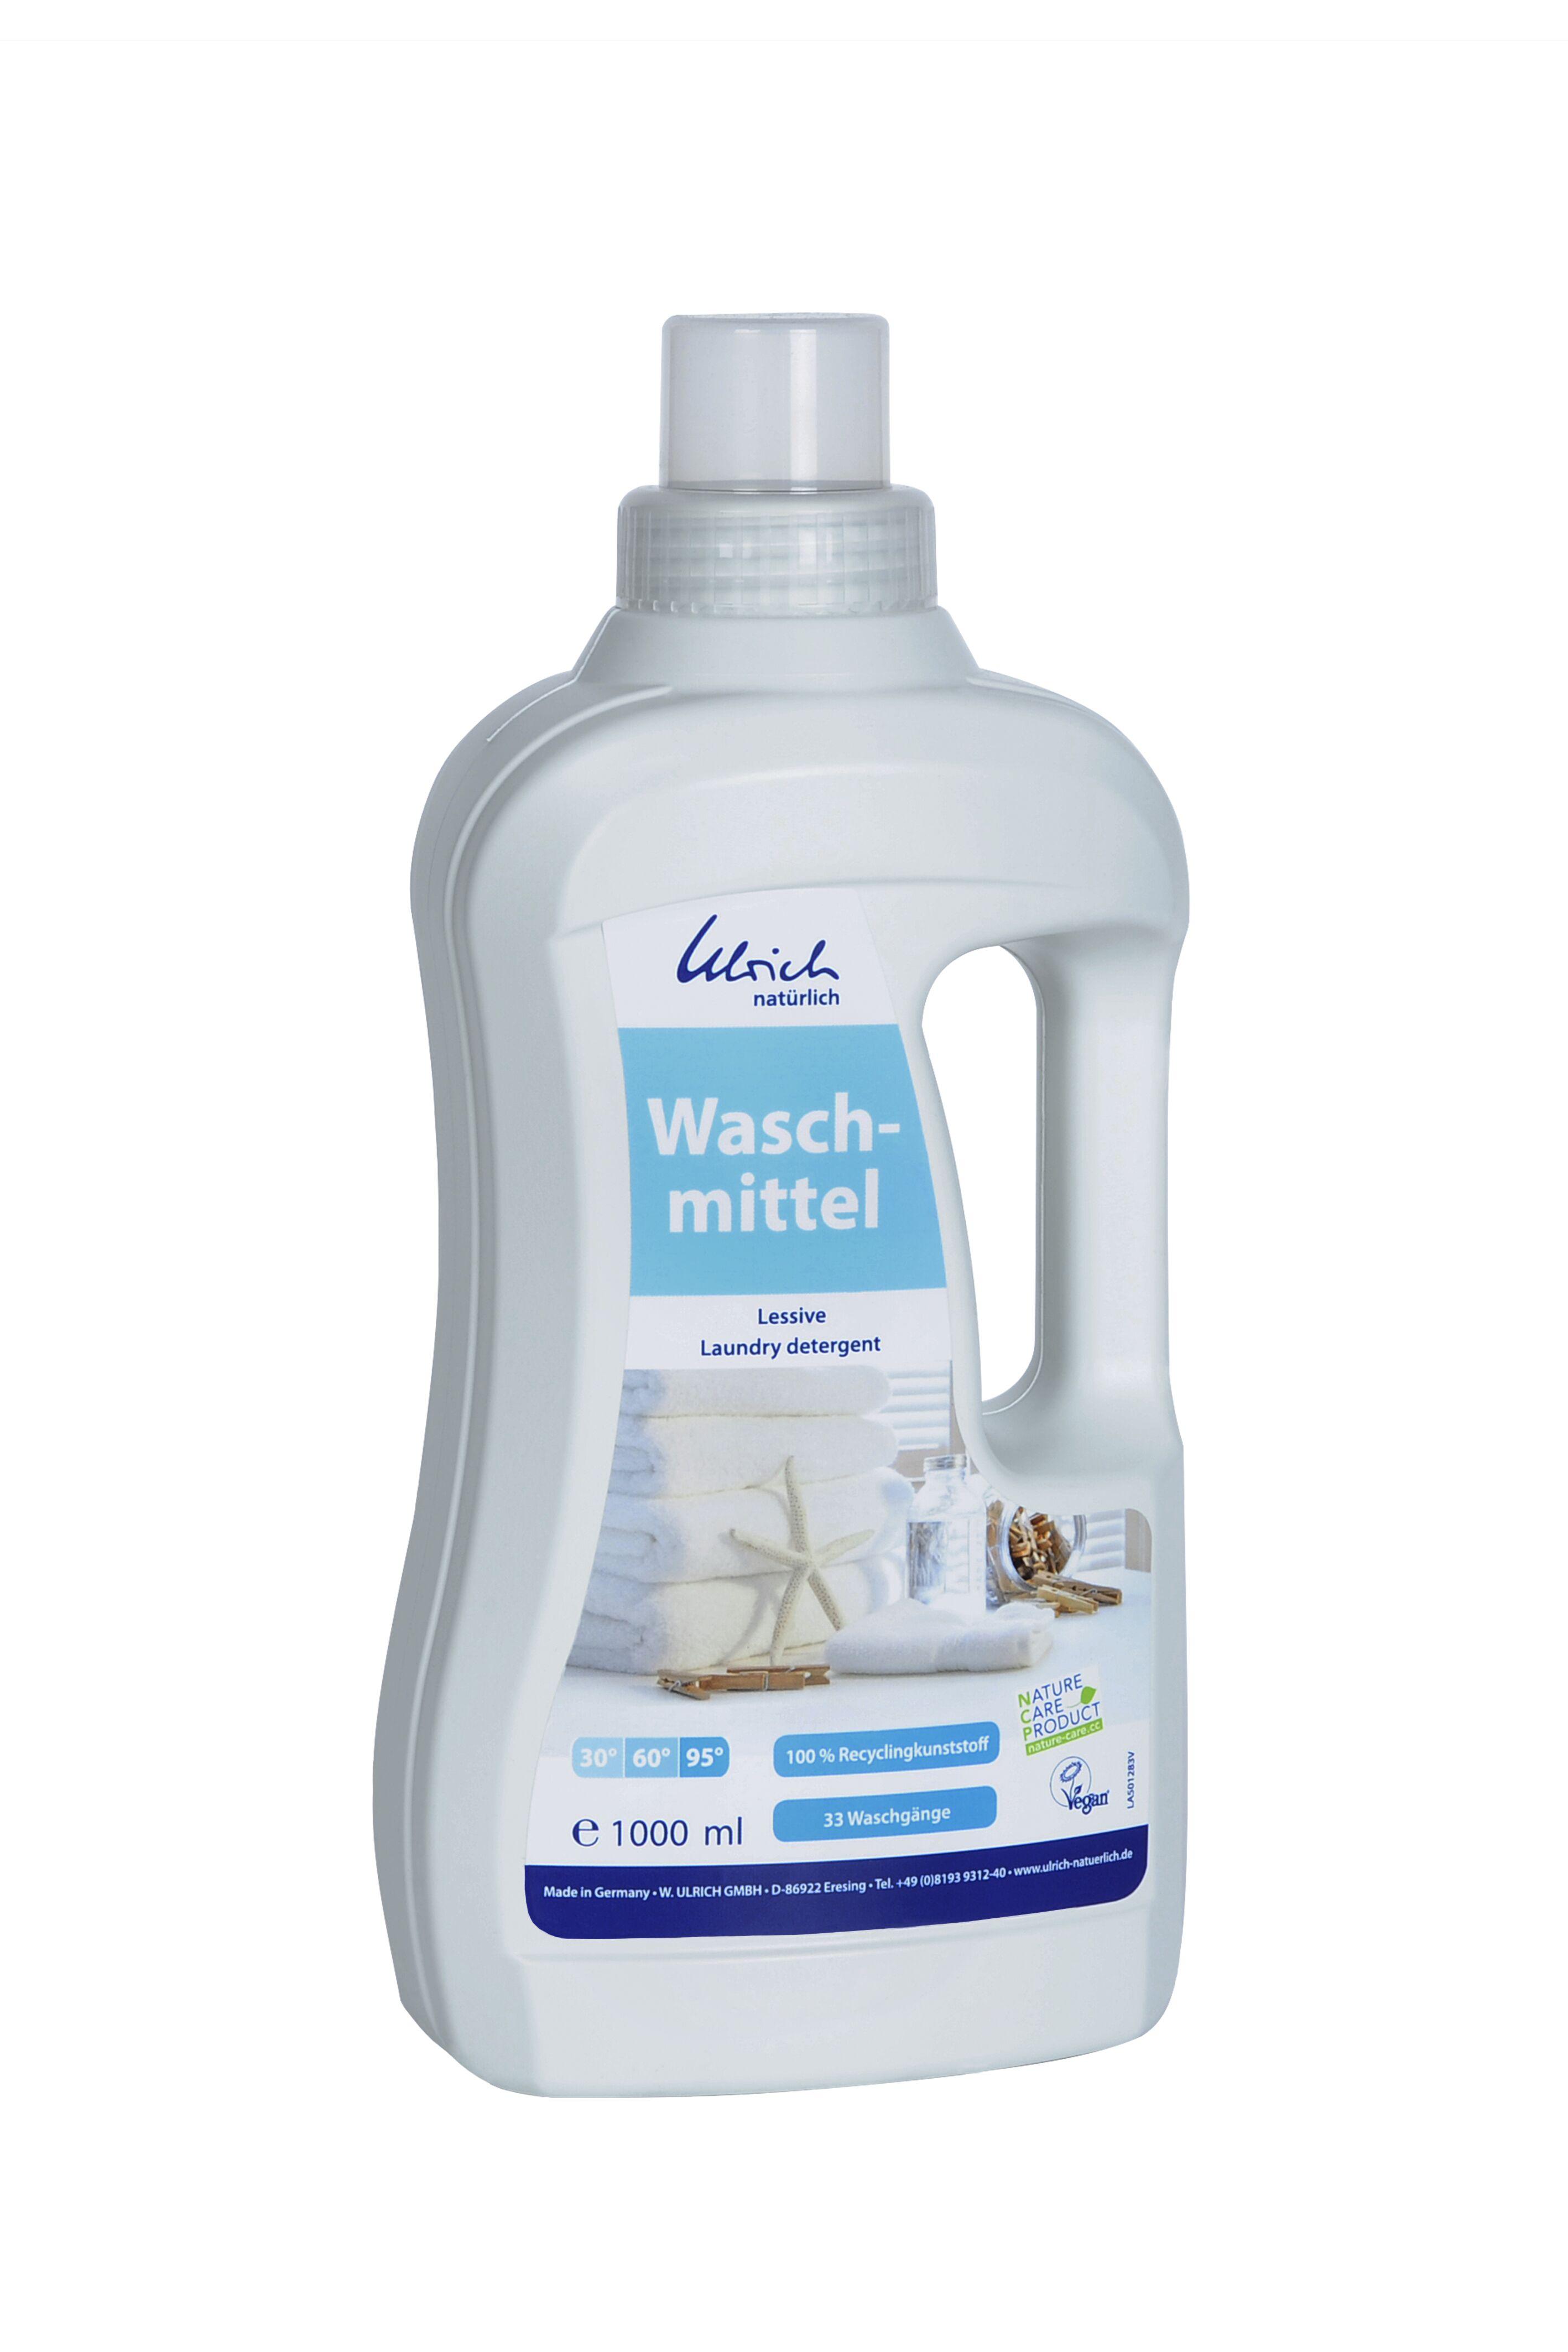 Ulrich natürlich Waschmittel flüssig